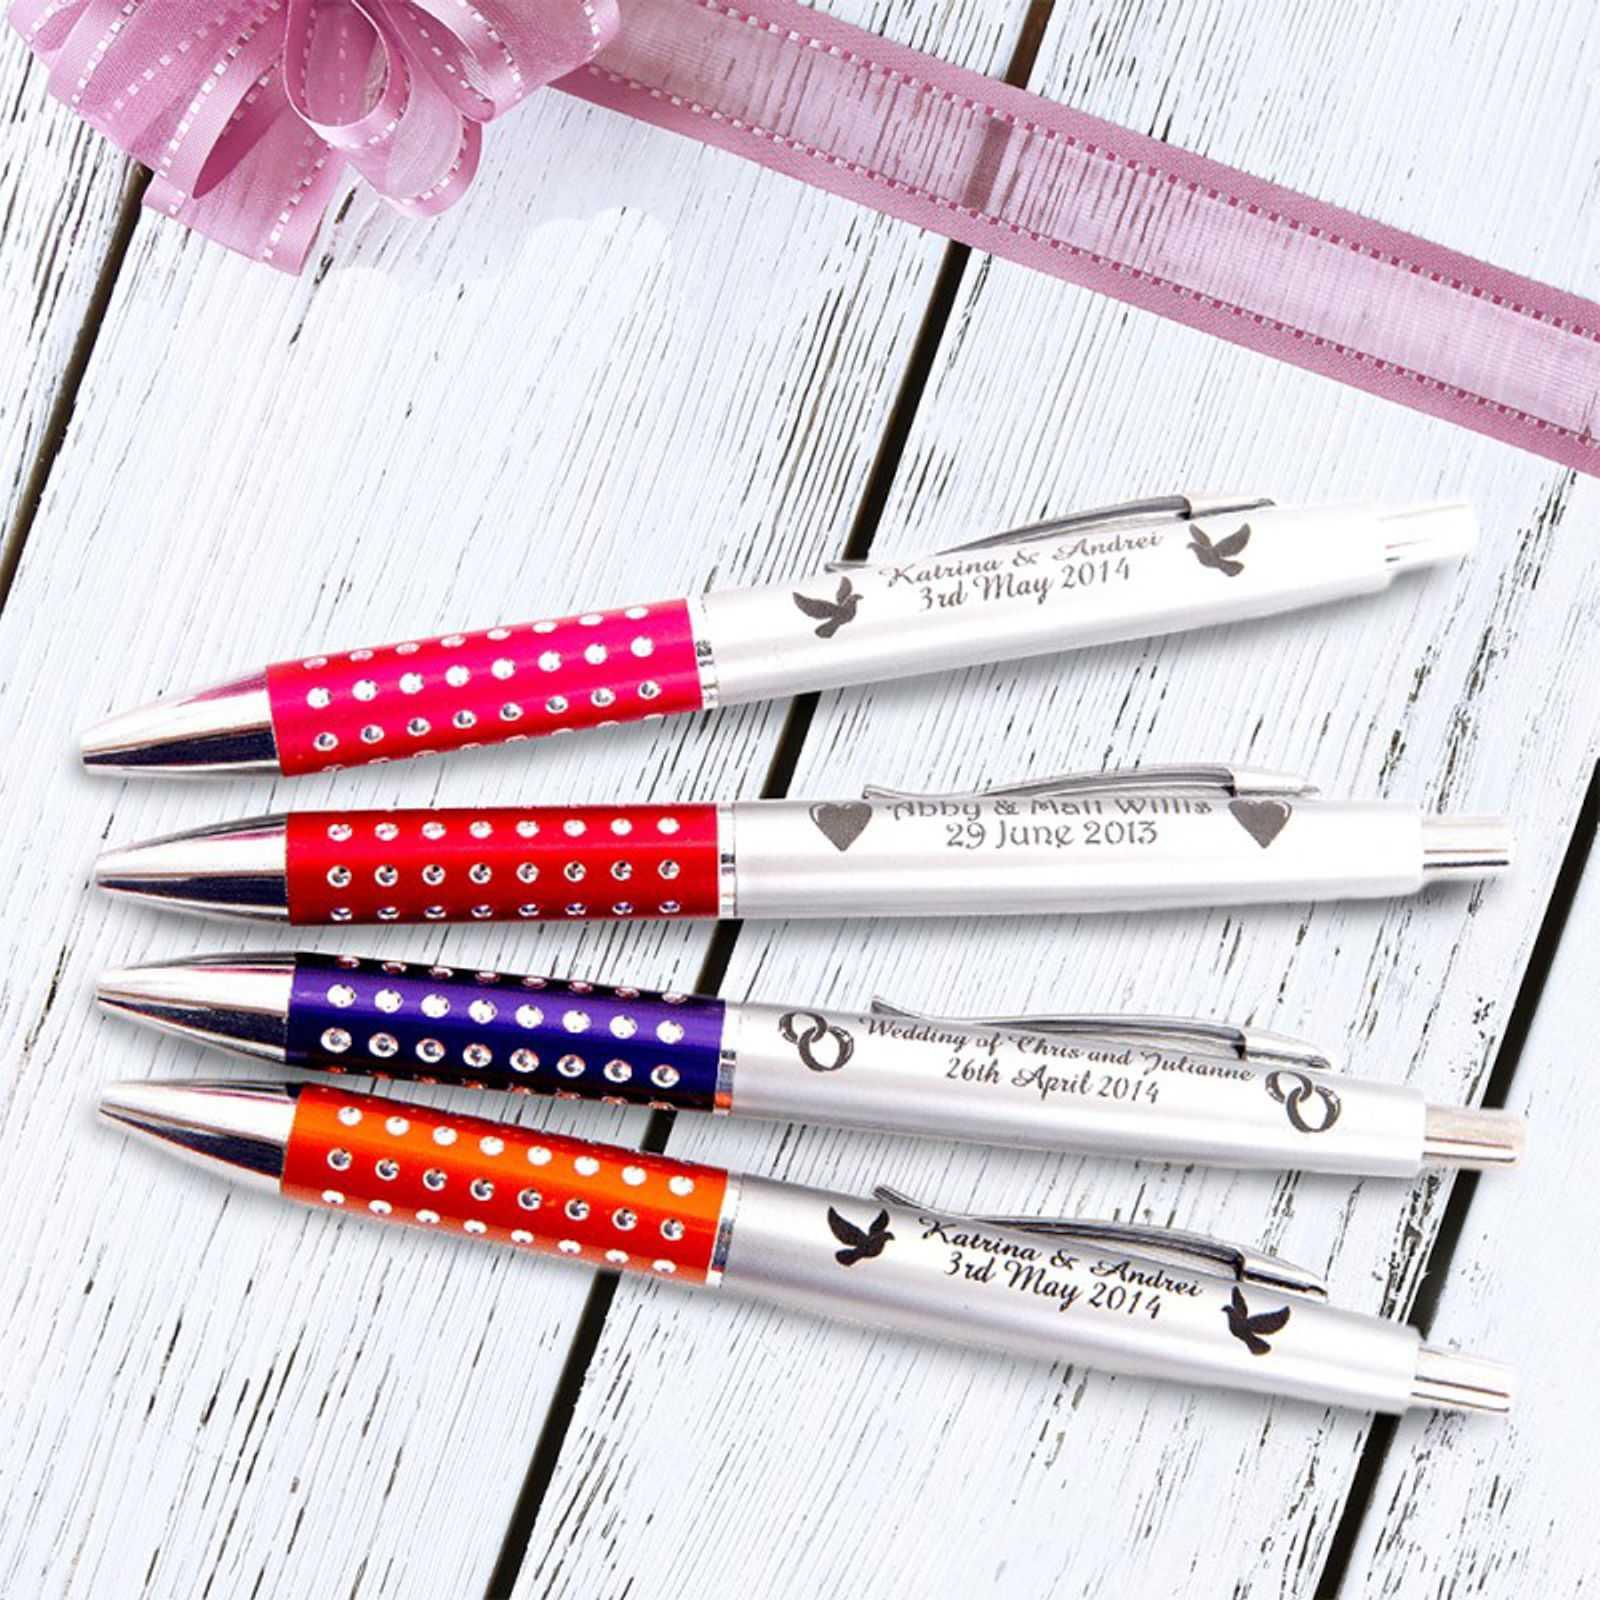 personalised engraved wedding pen sparkle plastic pen favour